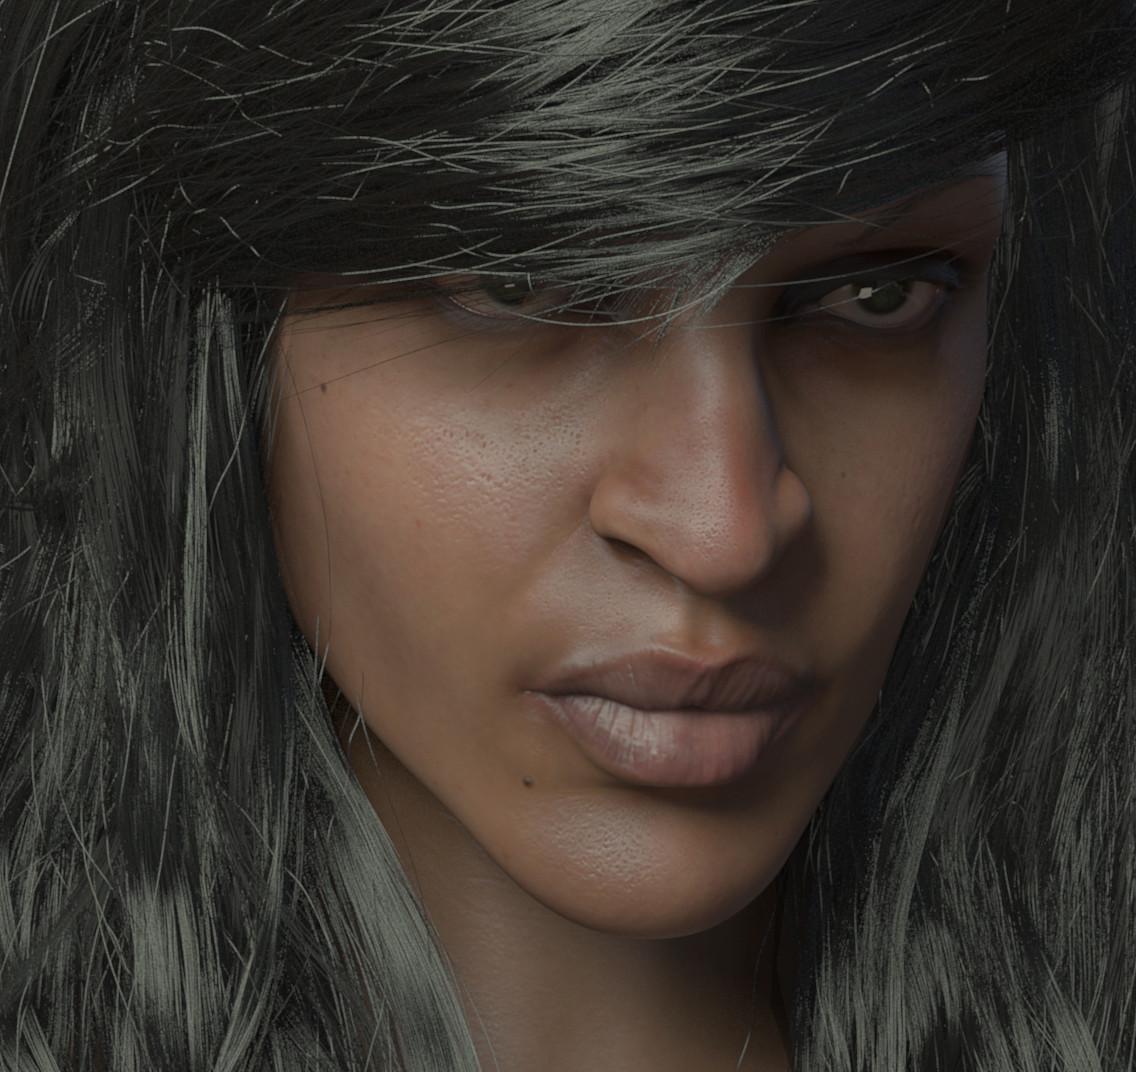 Duc phil nguyen woman test 03